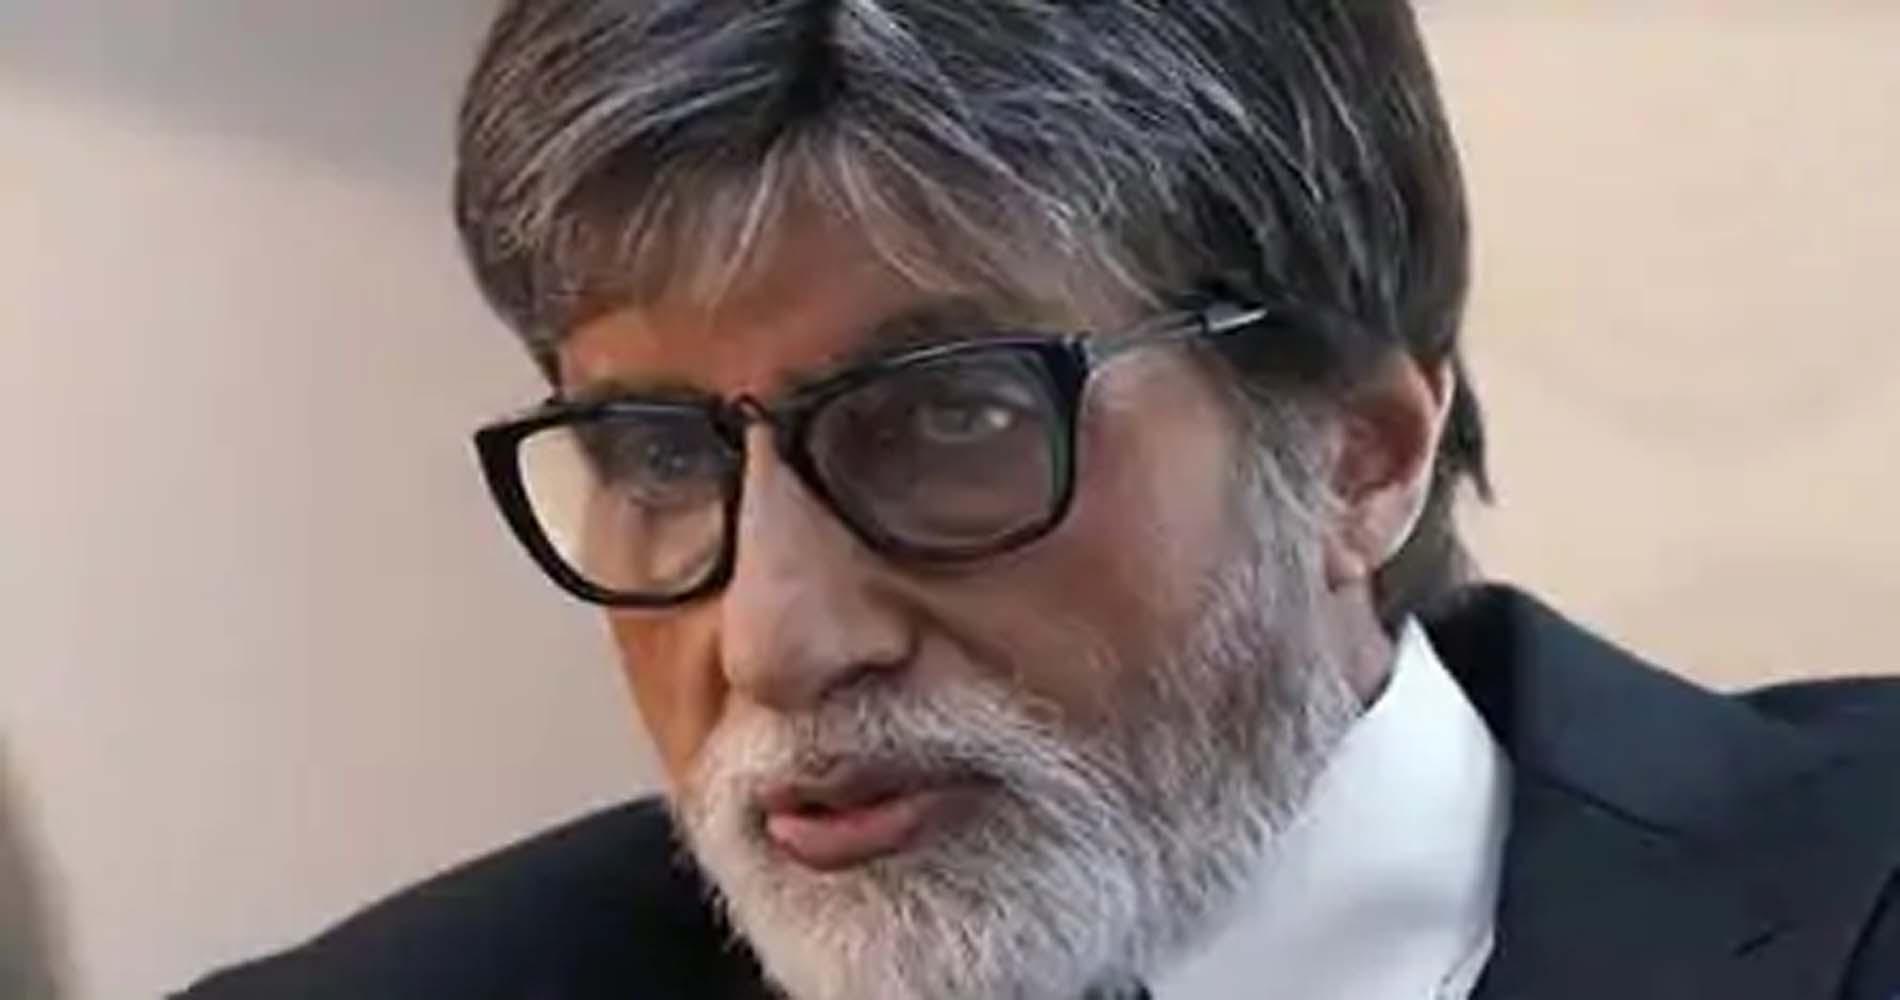 दान करने को लेकर यूजर ने अमिताभ बच्चन को किया ट्रोल, Big B ने दिया मुंगतोड़ जवाब, गिना दी लिस्ट